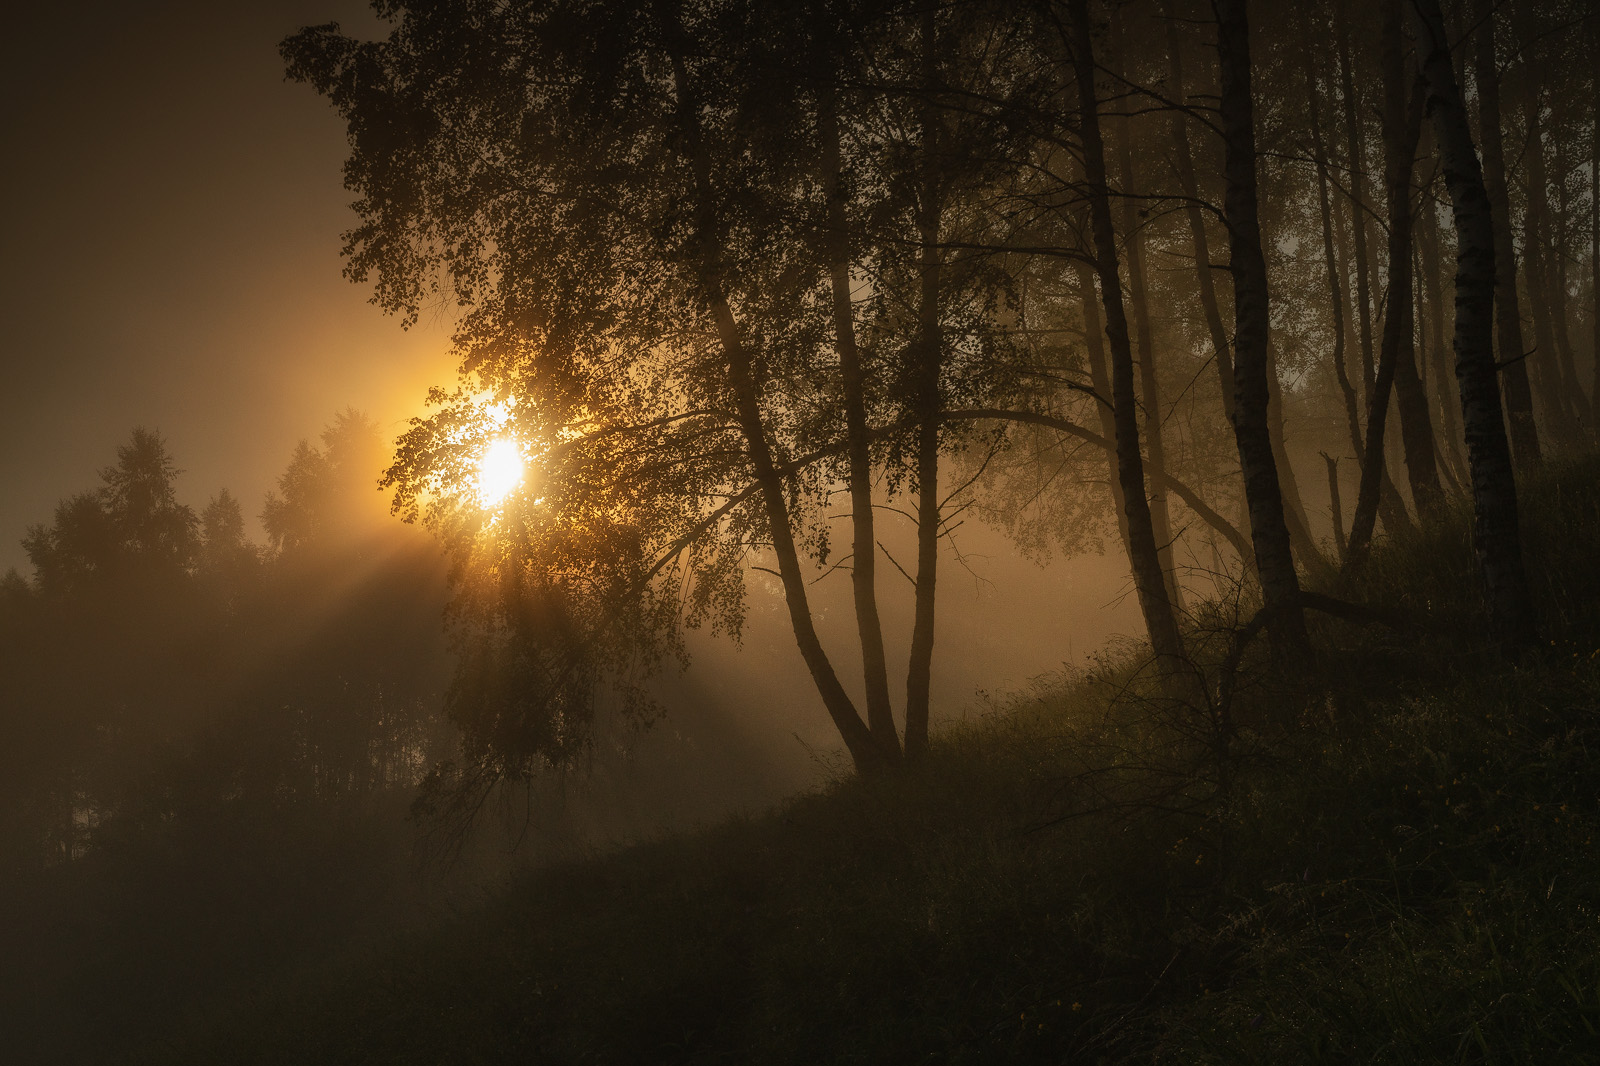 Nature - Photo 34